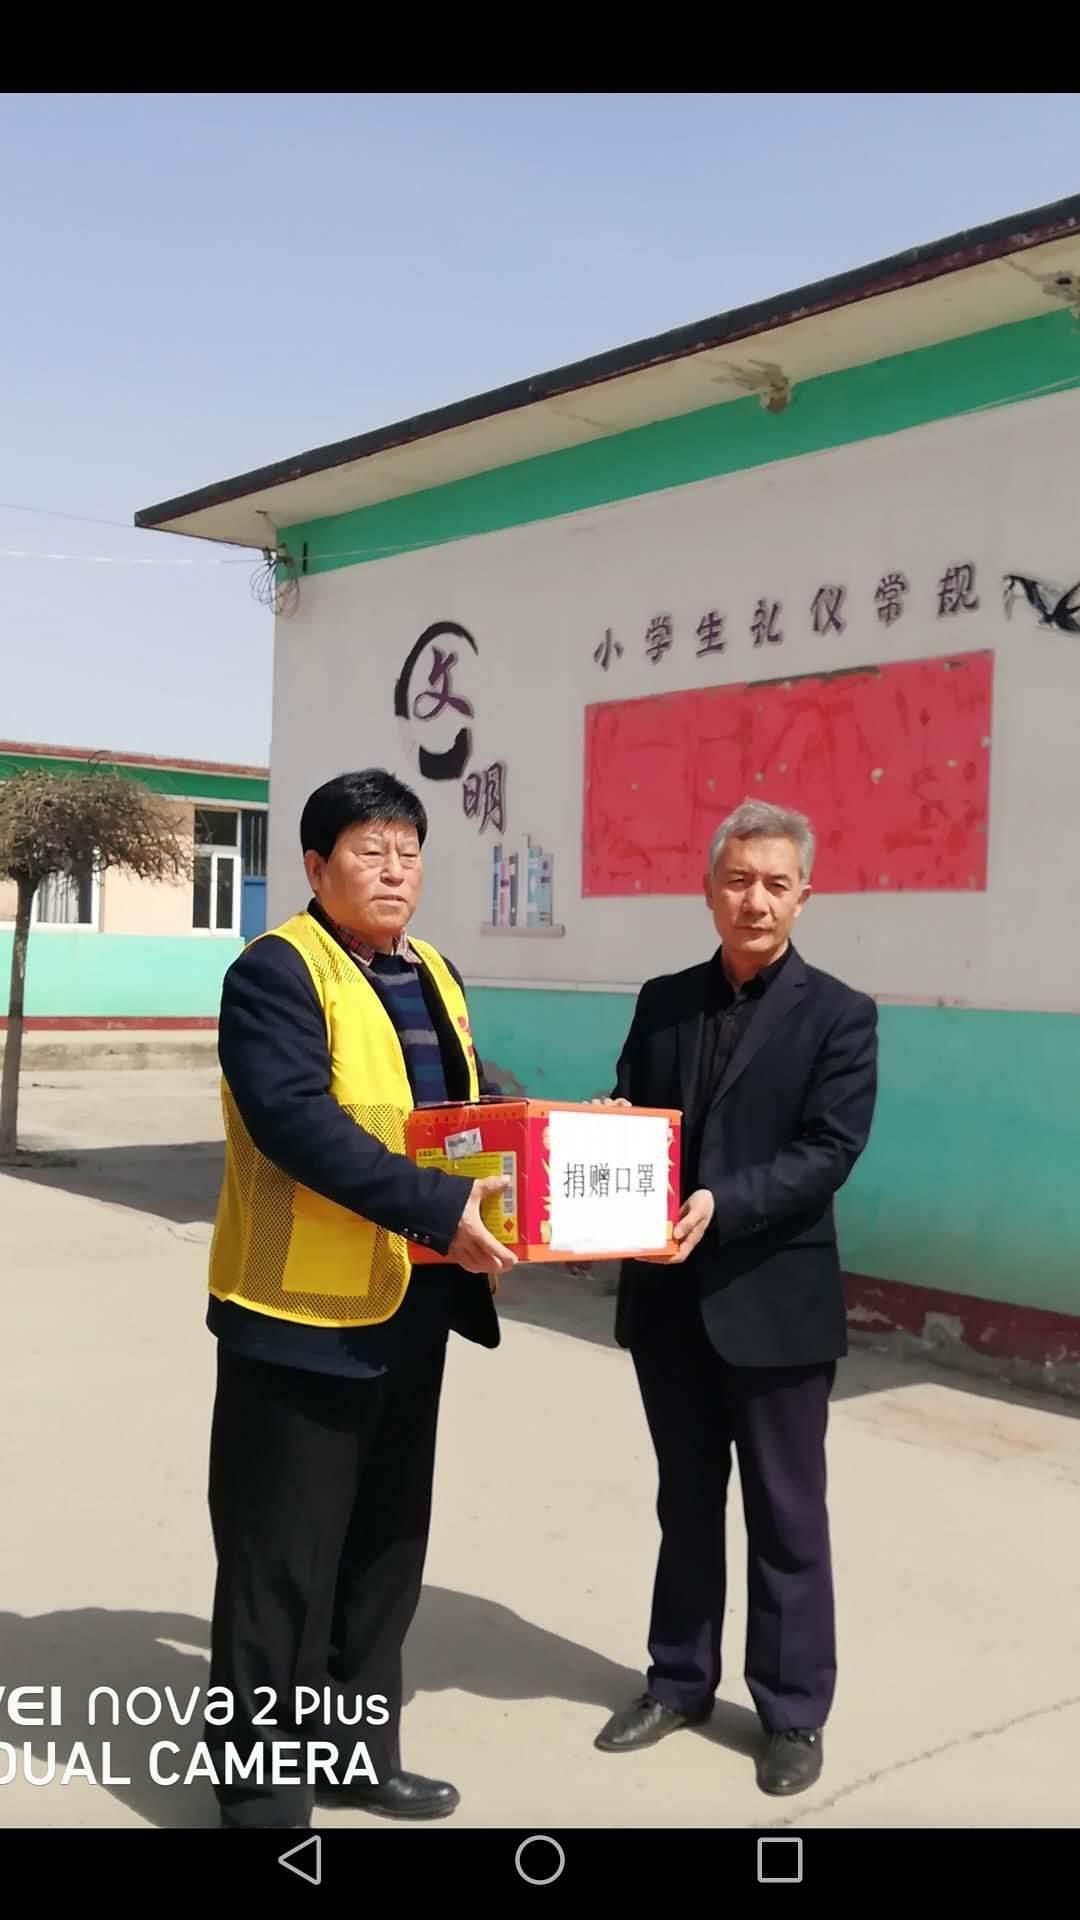 滦州市关工委向部分学校捐赠抗疫物资